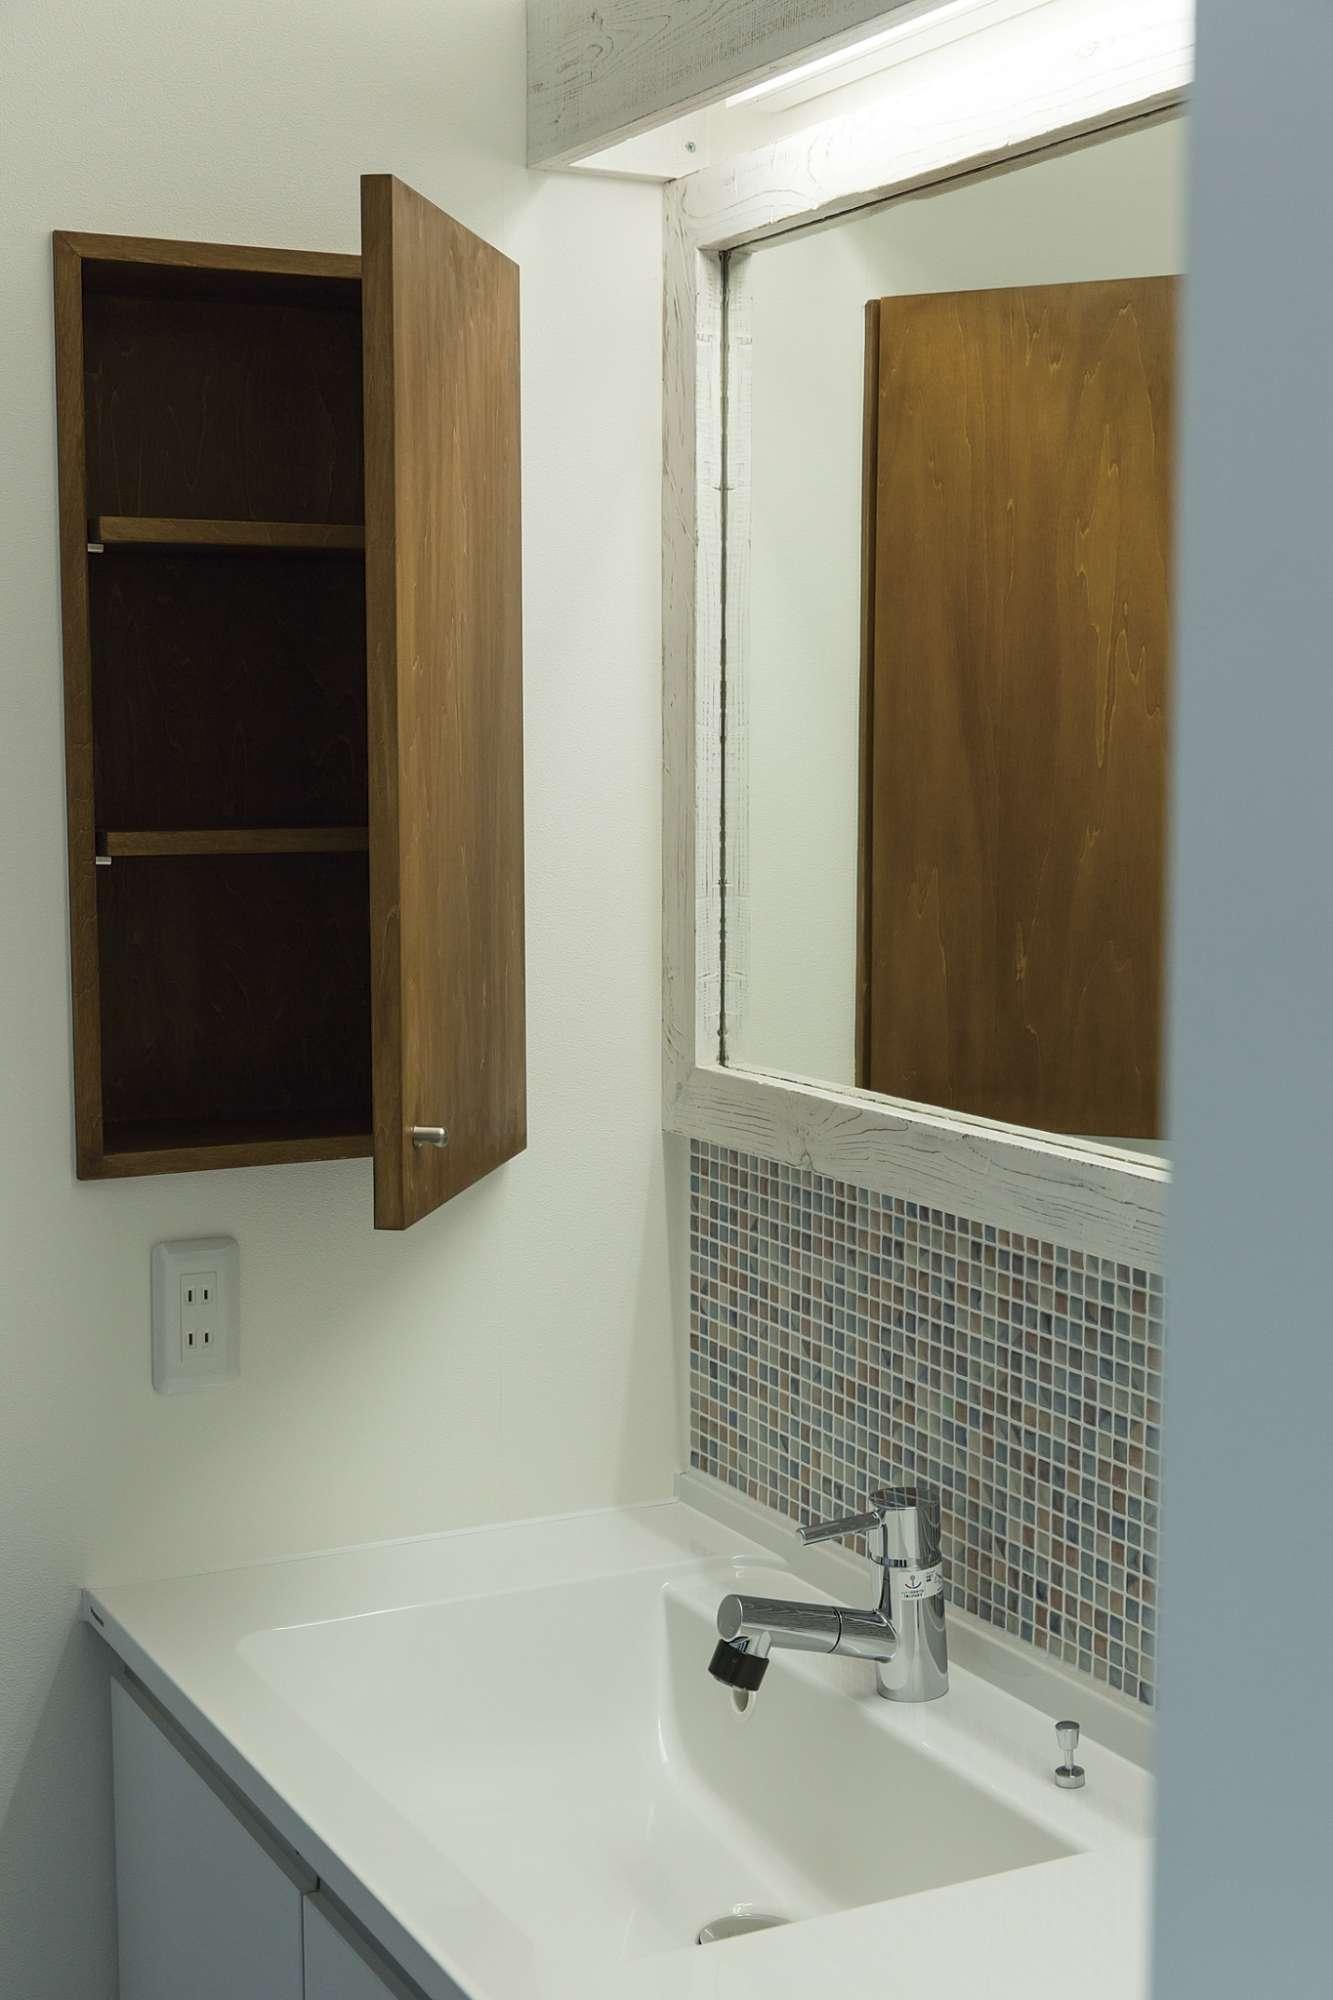 タイルを貼ってレトロなイメージで仕上げた洗面化粧台 -  -  -